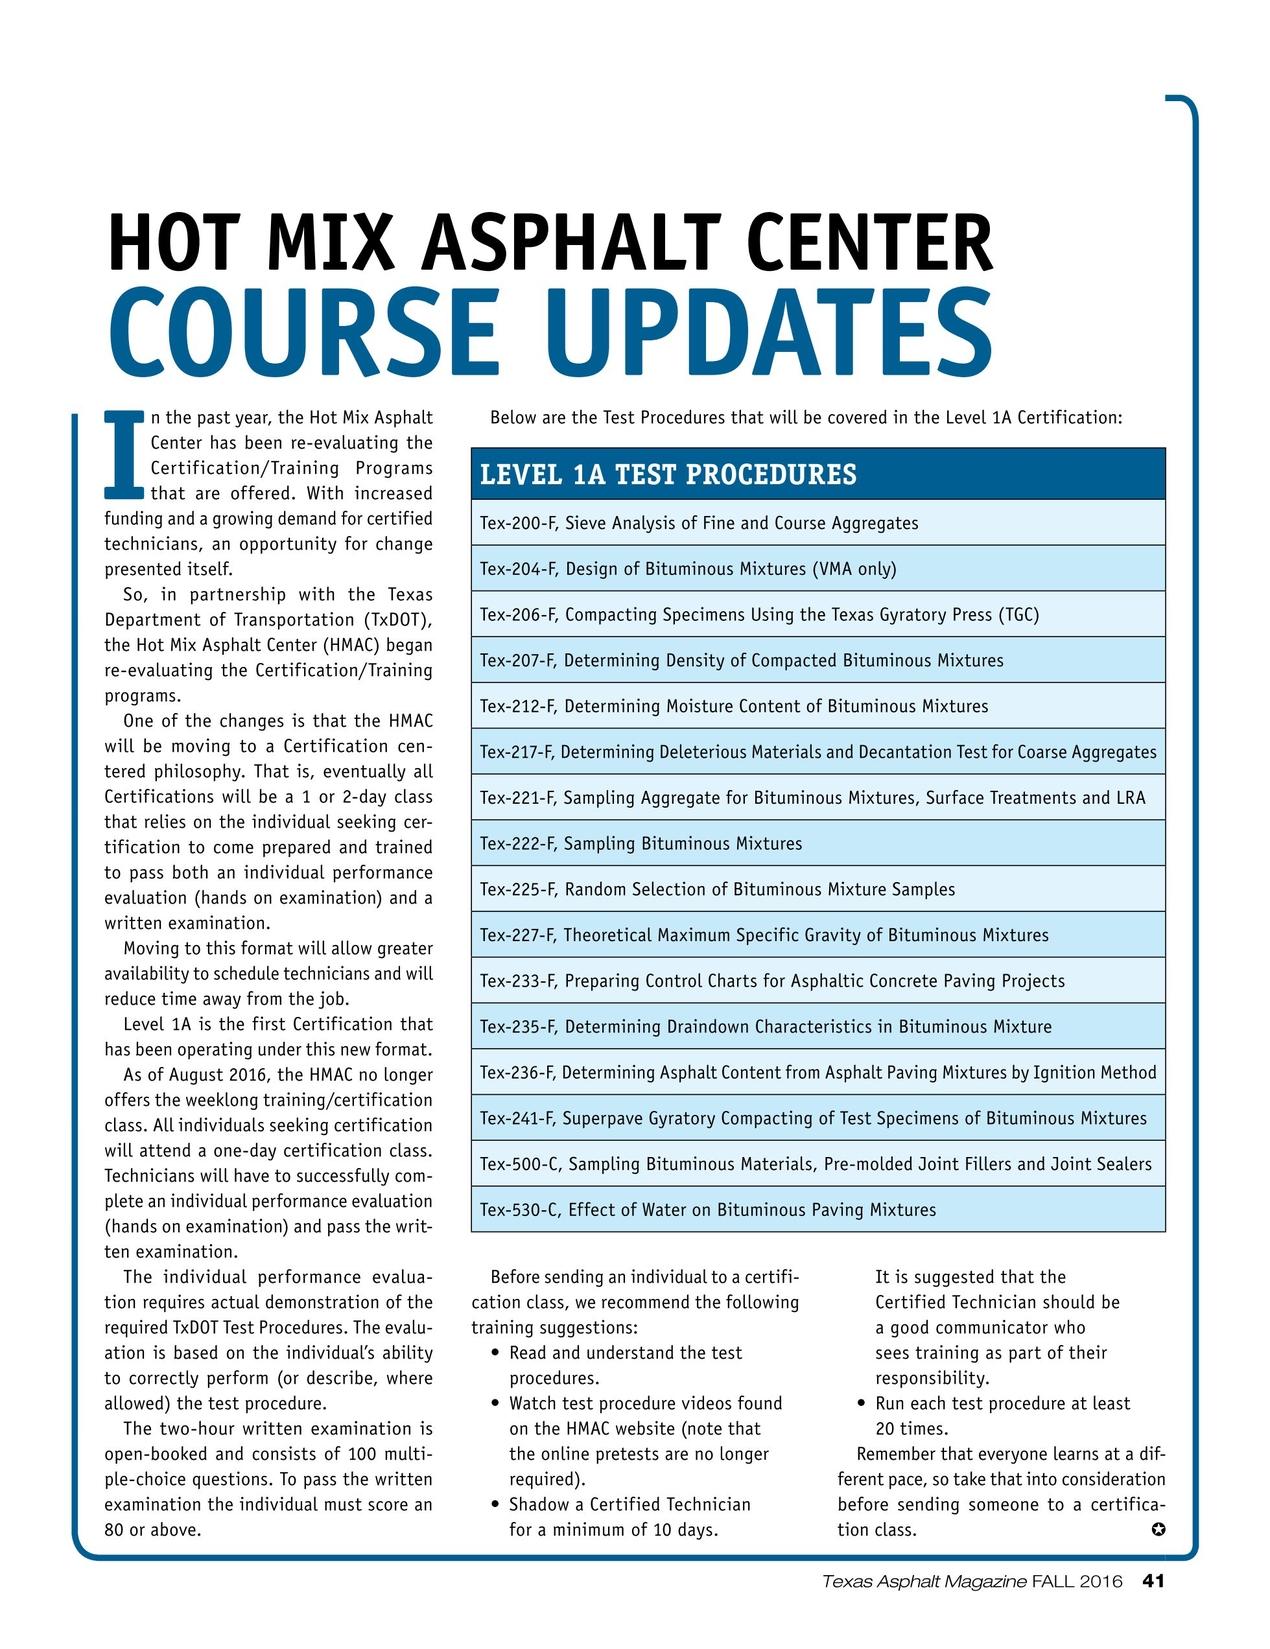 Texas Asphalt Fall 2016